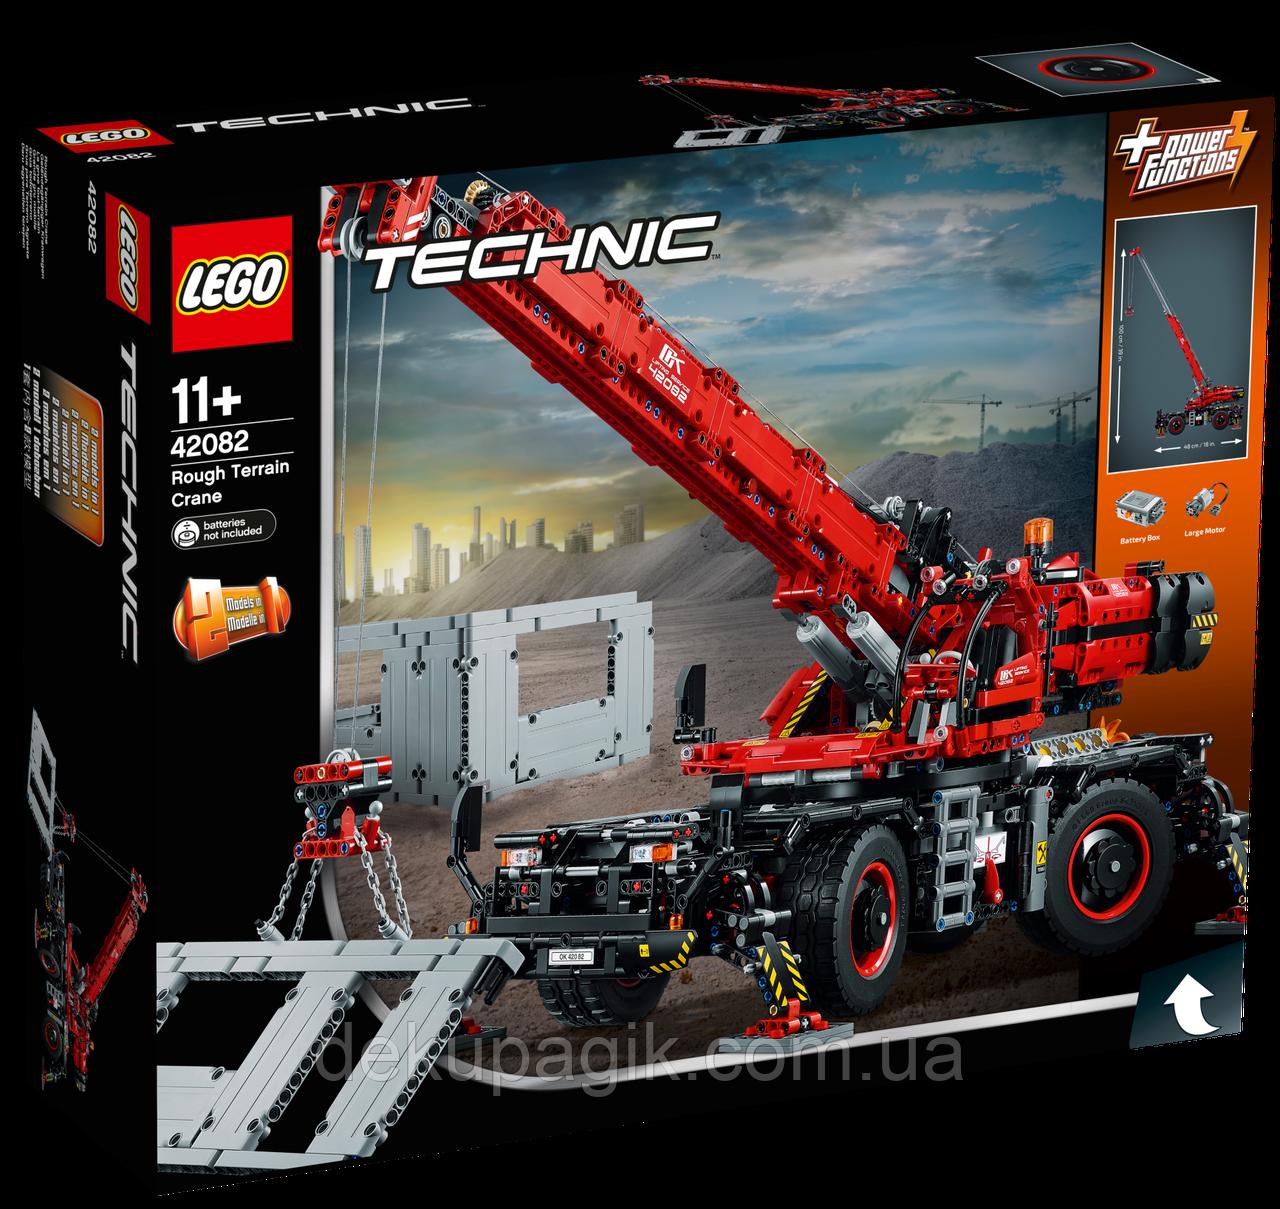 Lego Technic Подъёмный кран для пересечённой местности 42082